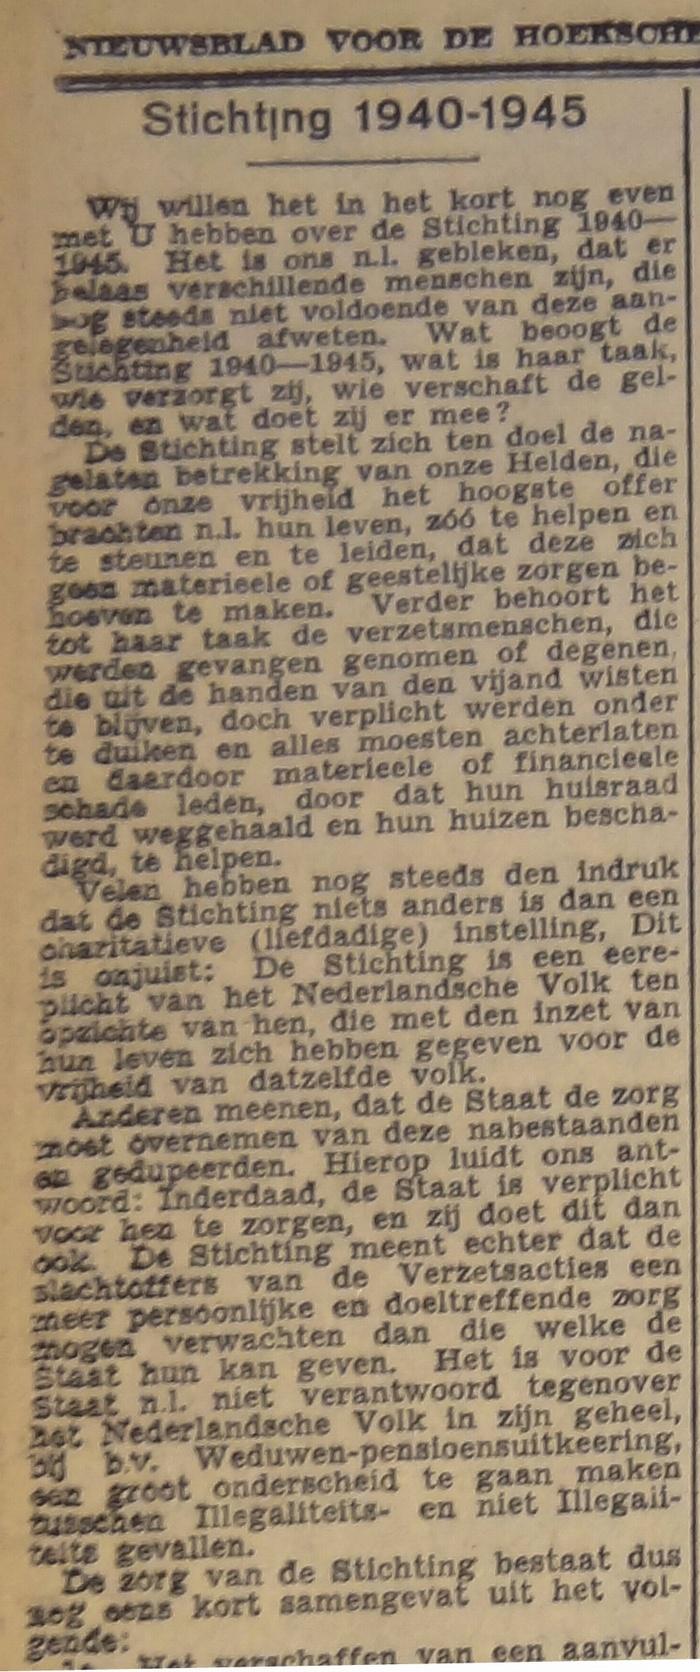 02-stichting-1940-1945-27nov1945-01